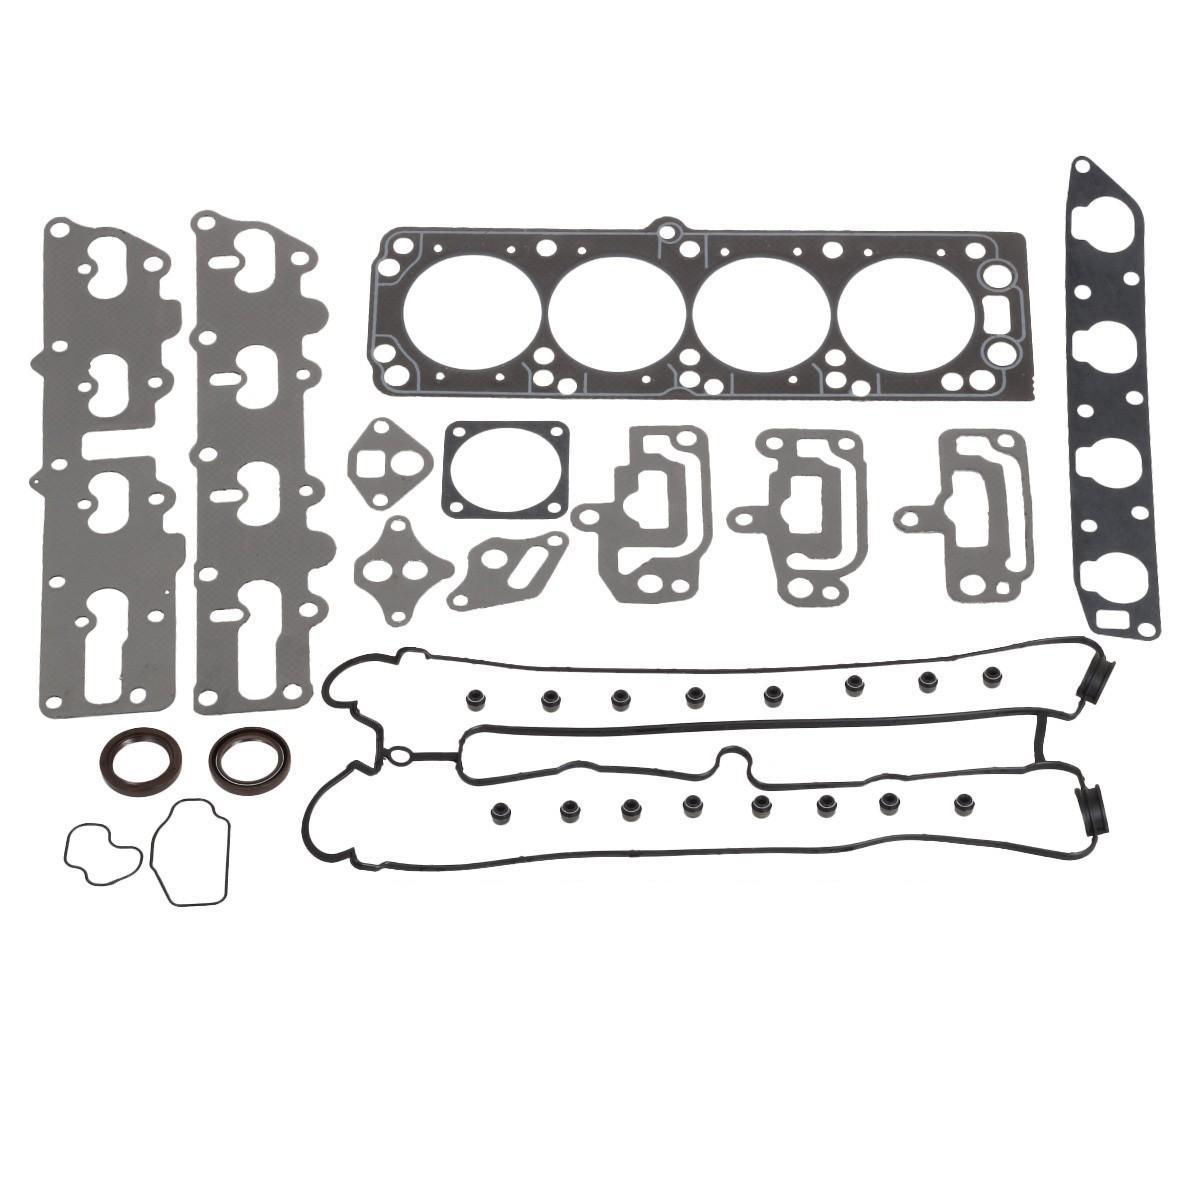 For Suzuki Forenza Reno 2.0 DOHC 16V Cylinder Head Gasket